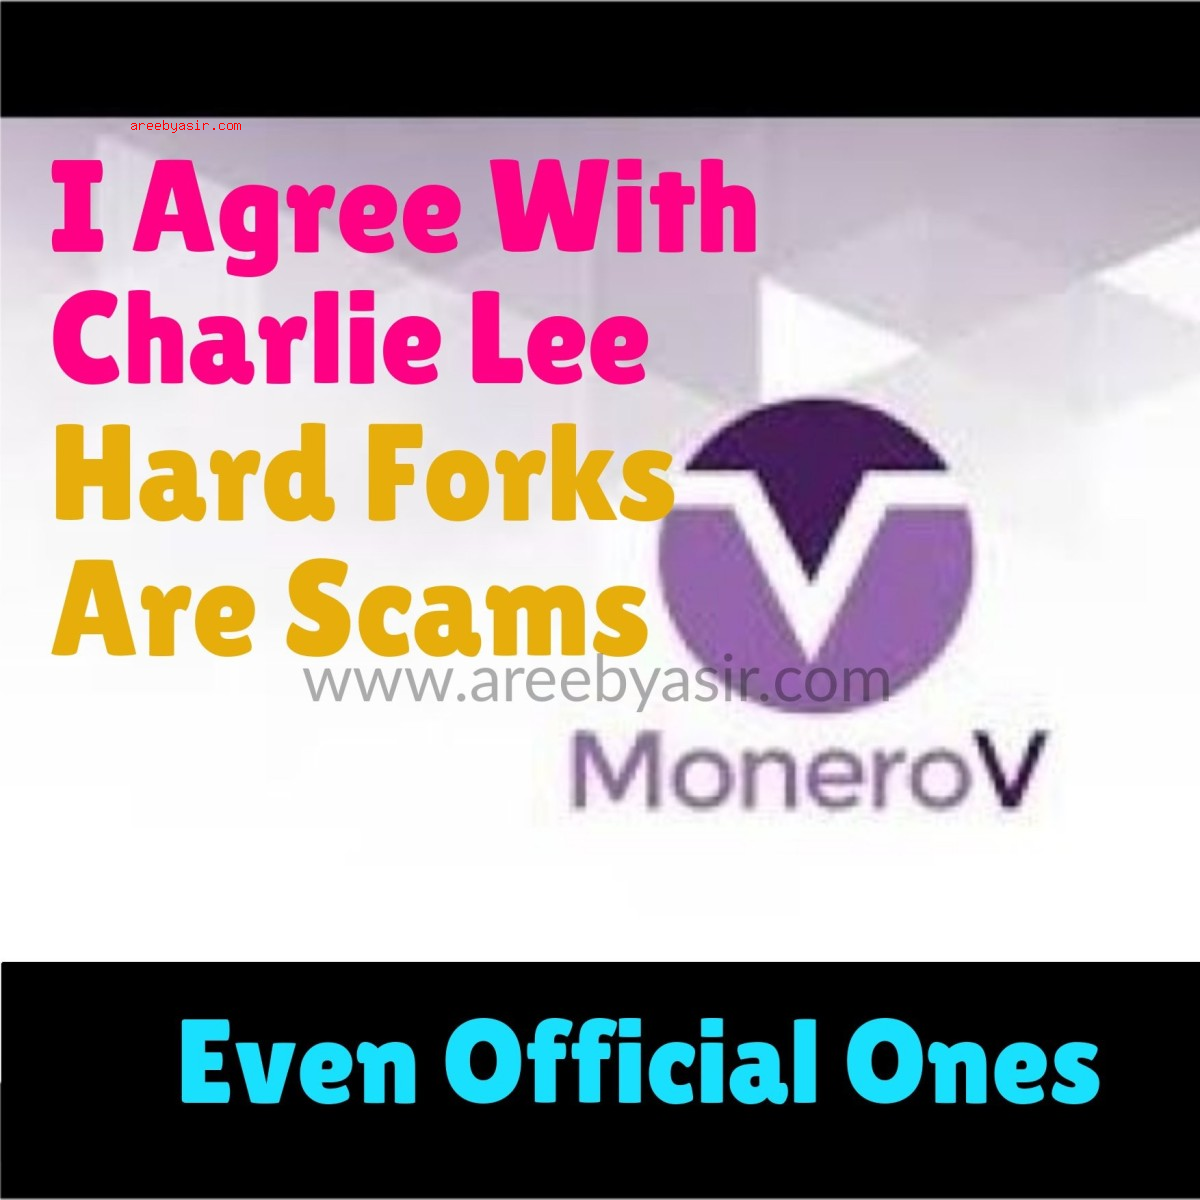 CharlieLeeHardForkBlog-Scam